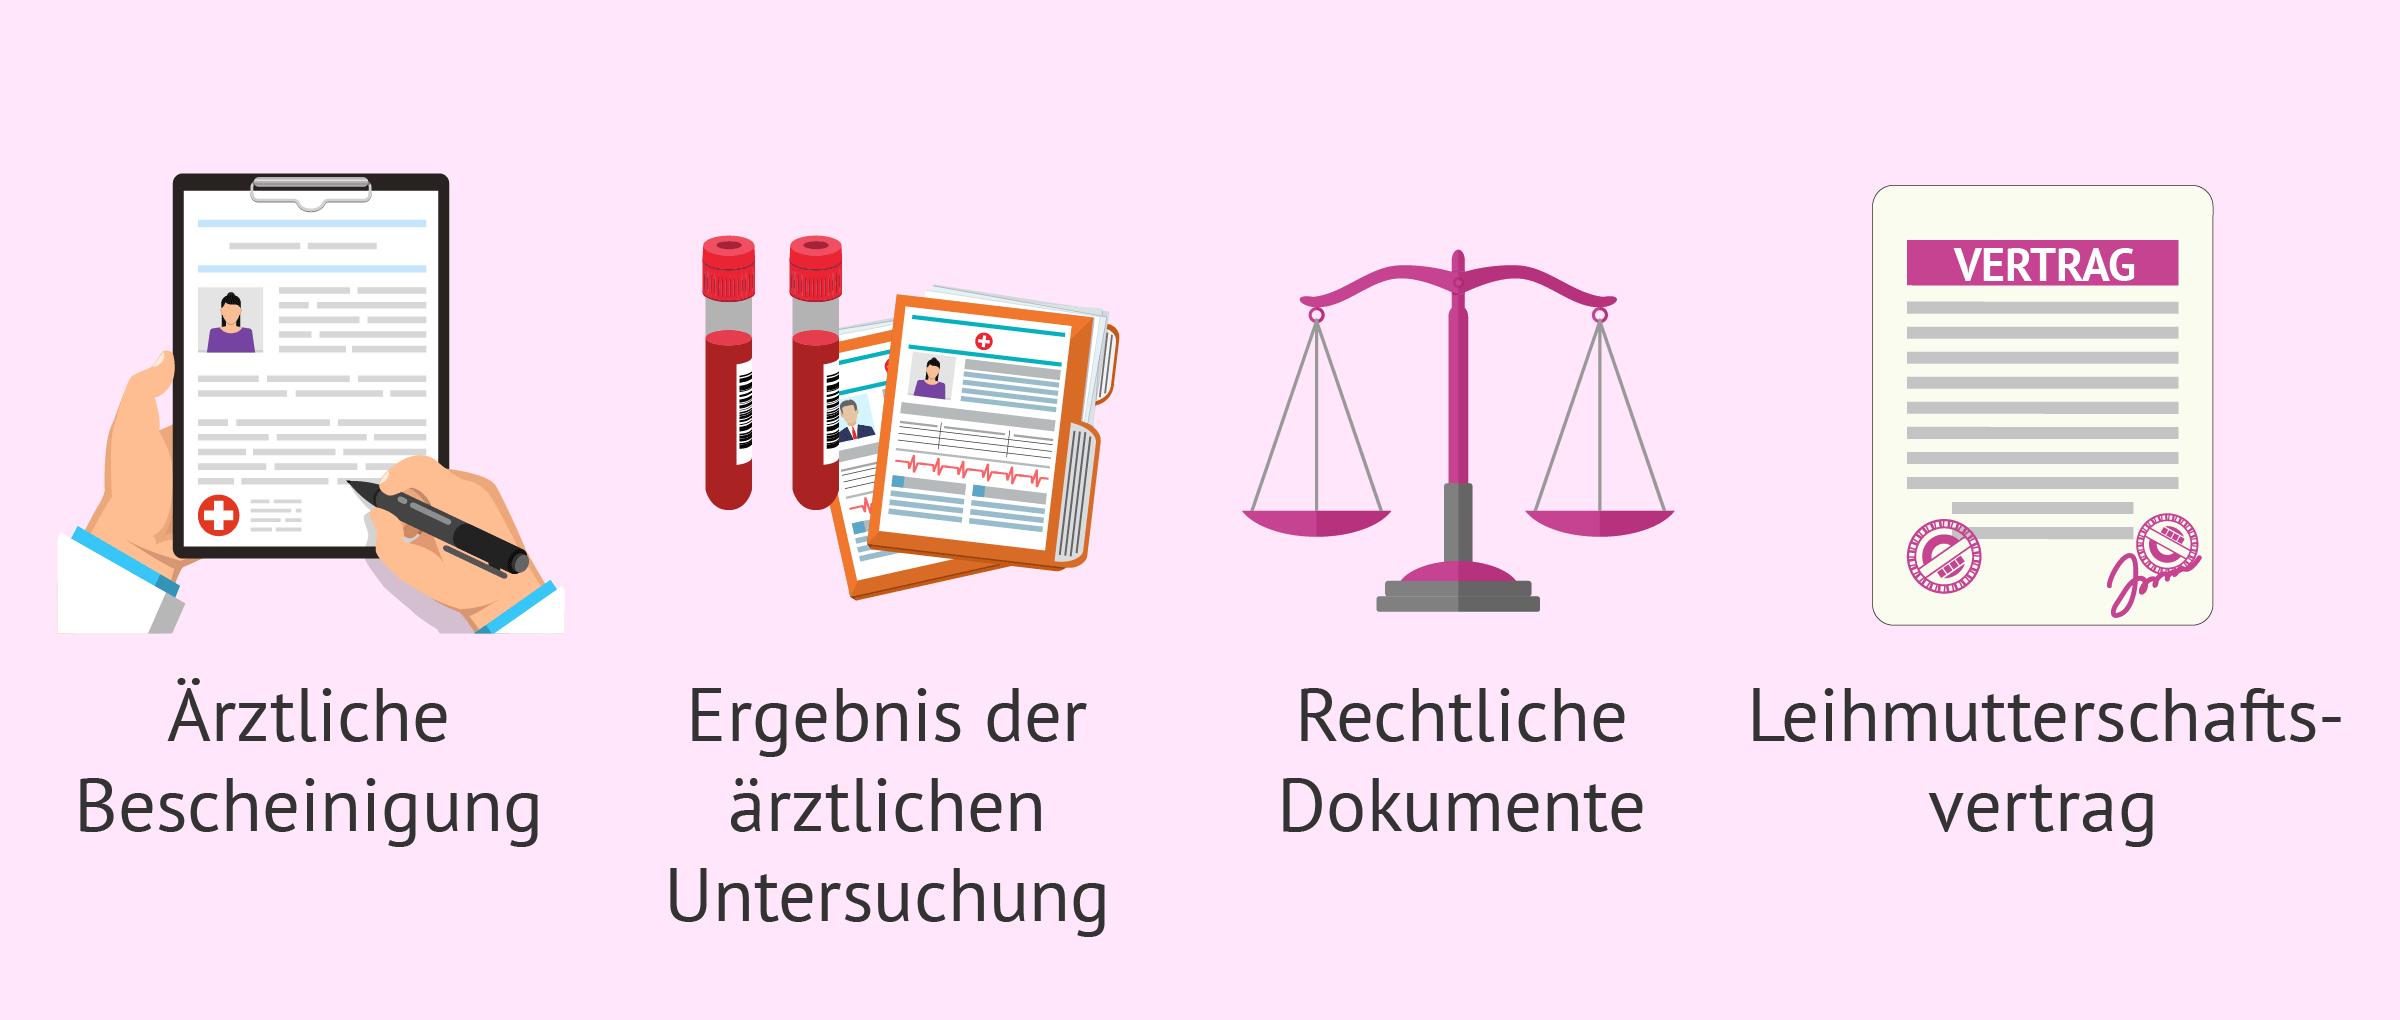 Notwendige Dokumente bei der Leihmutterschaft